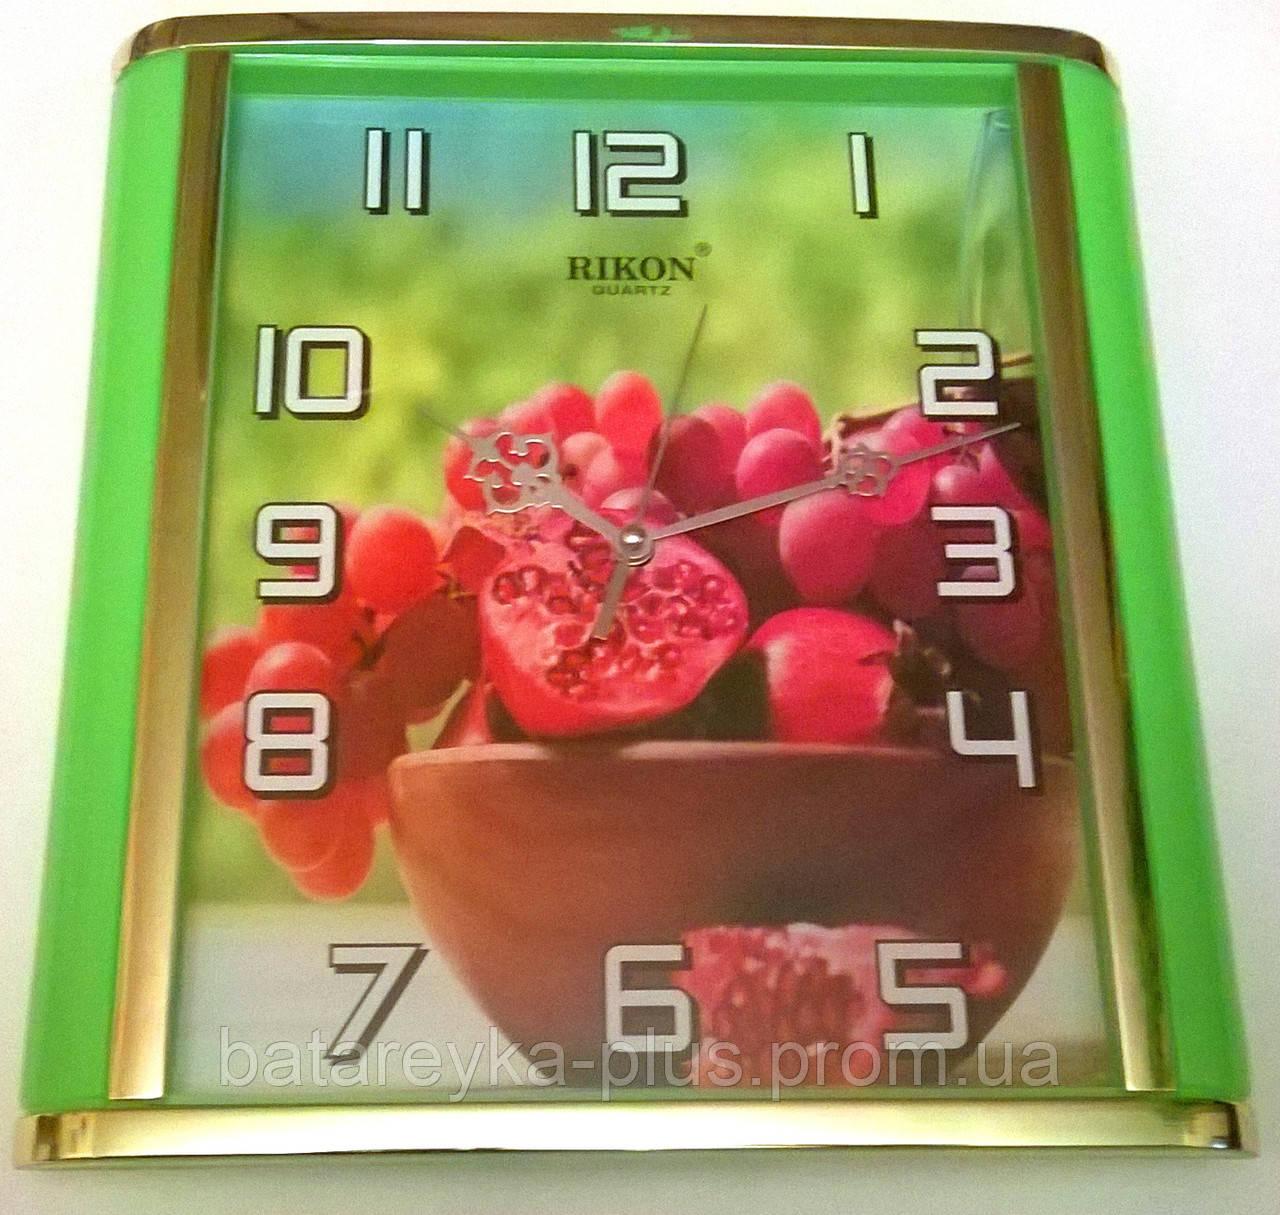 Часы кухонные настенные   RIKON  561 - Батарейка Плюс в Ужгороде